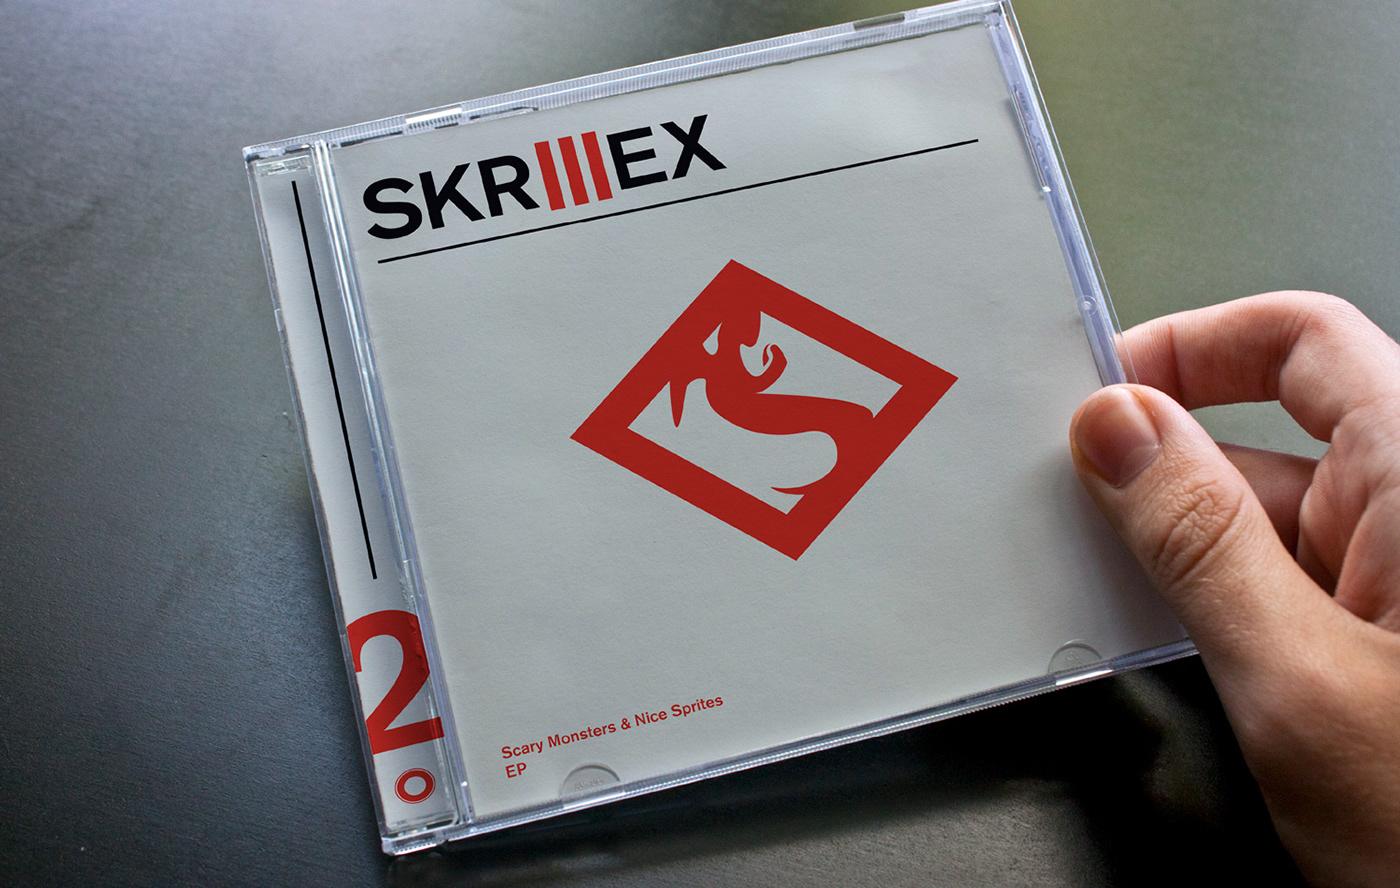 Skrillex: Rephlex Re-branding